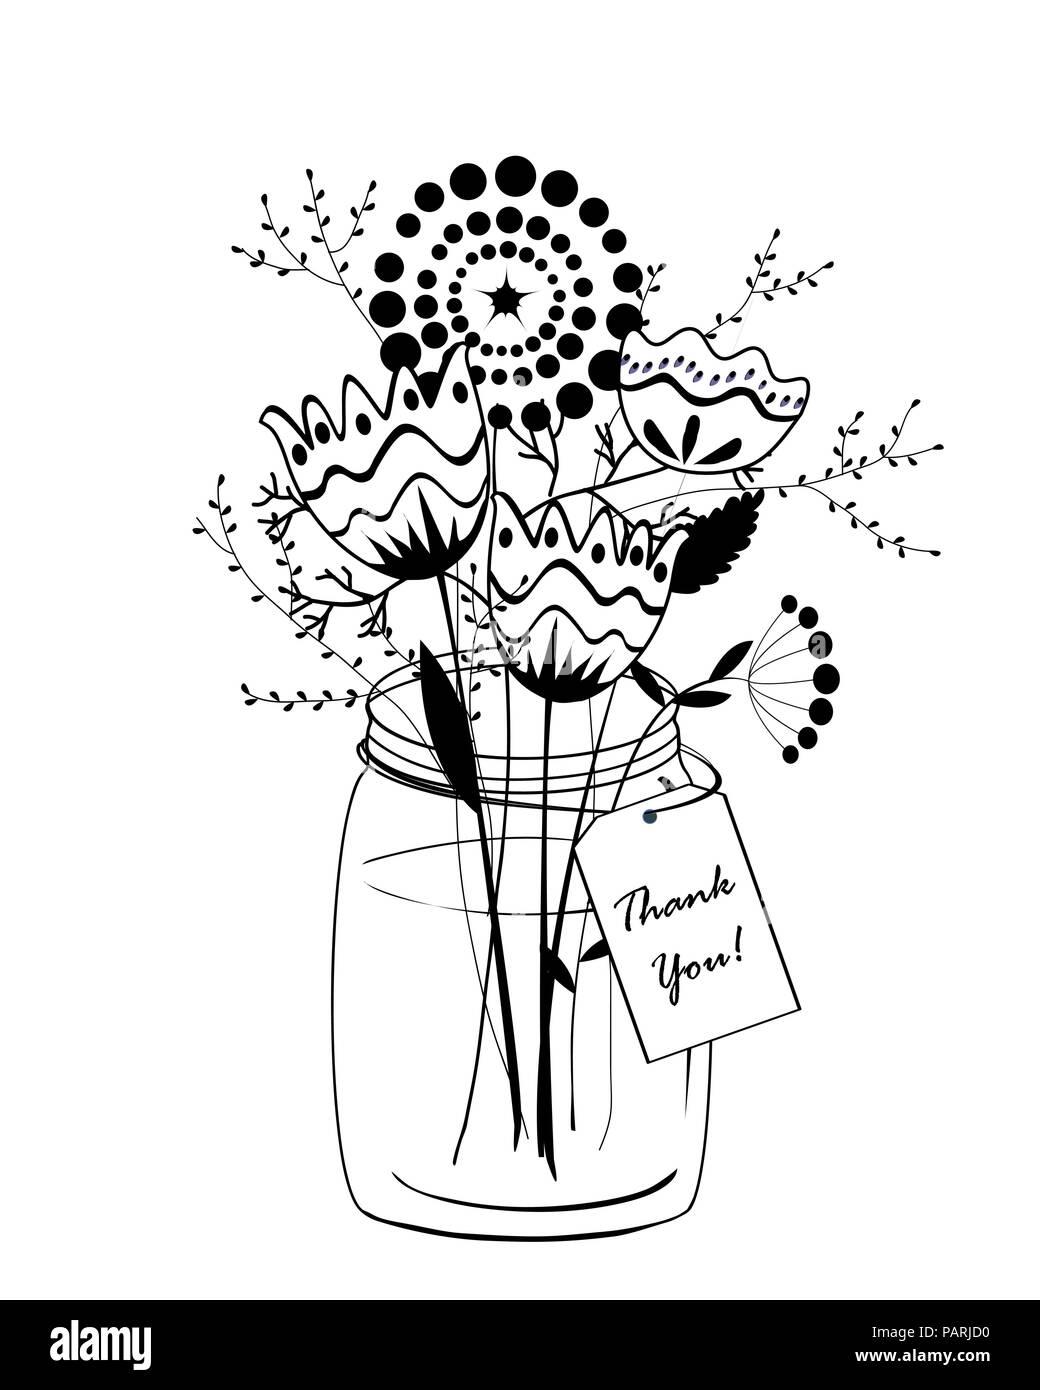 Doodle Bouquet Di Fiori In Vaso Di Vetro Ringrazio Il Card Vettore